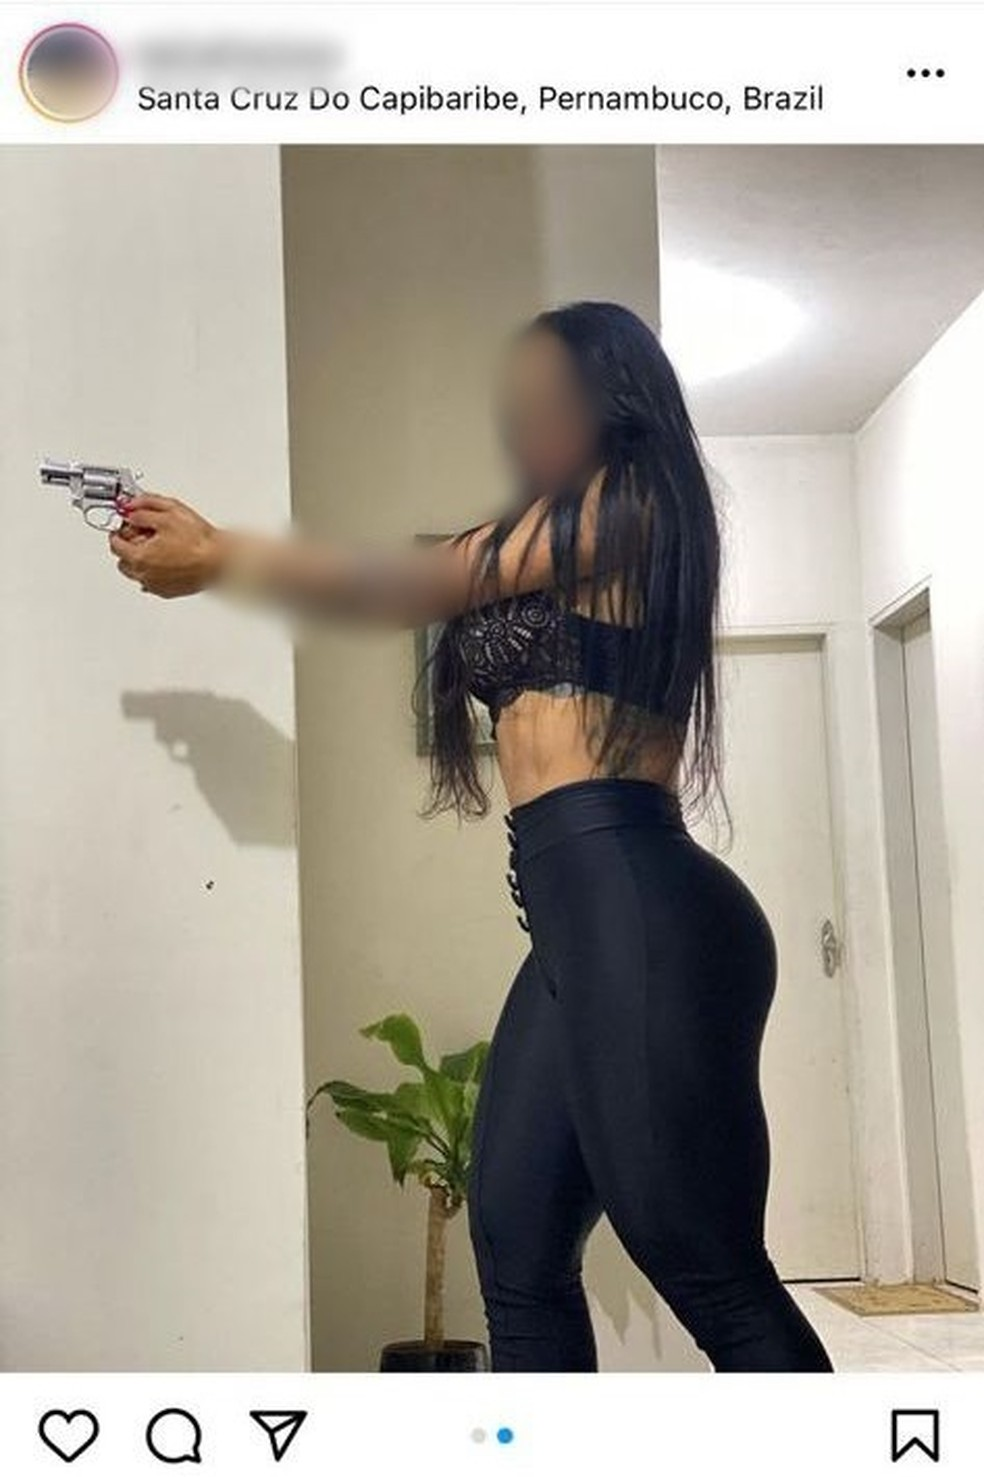 Jovem posta foto com arma de foto e é detida pela Polícia